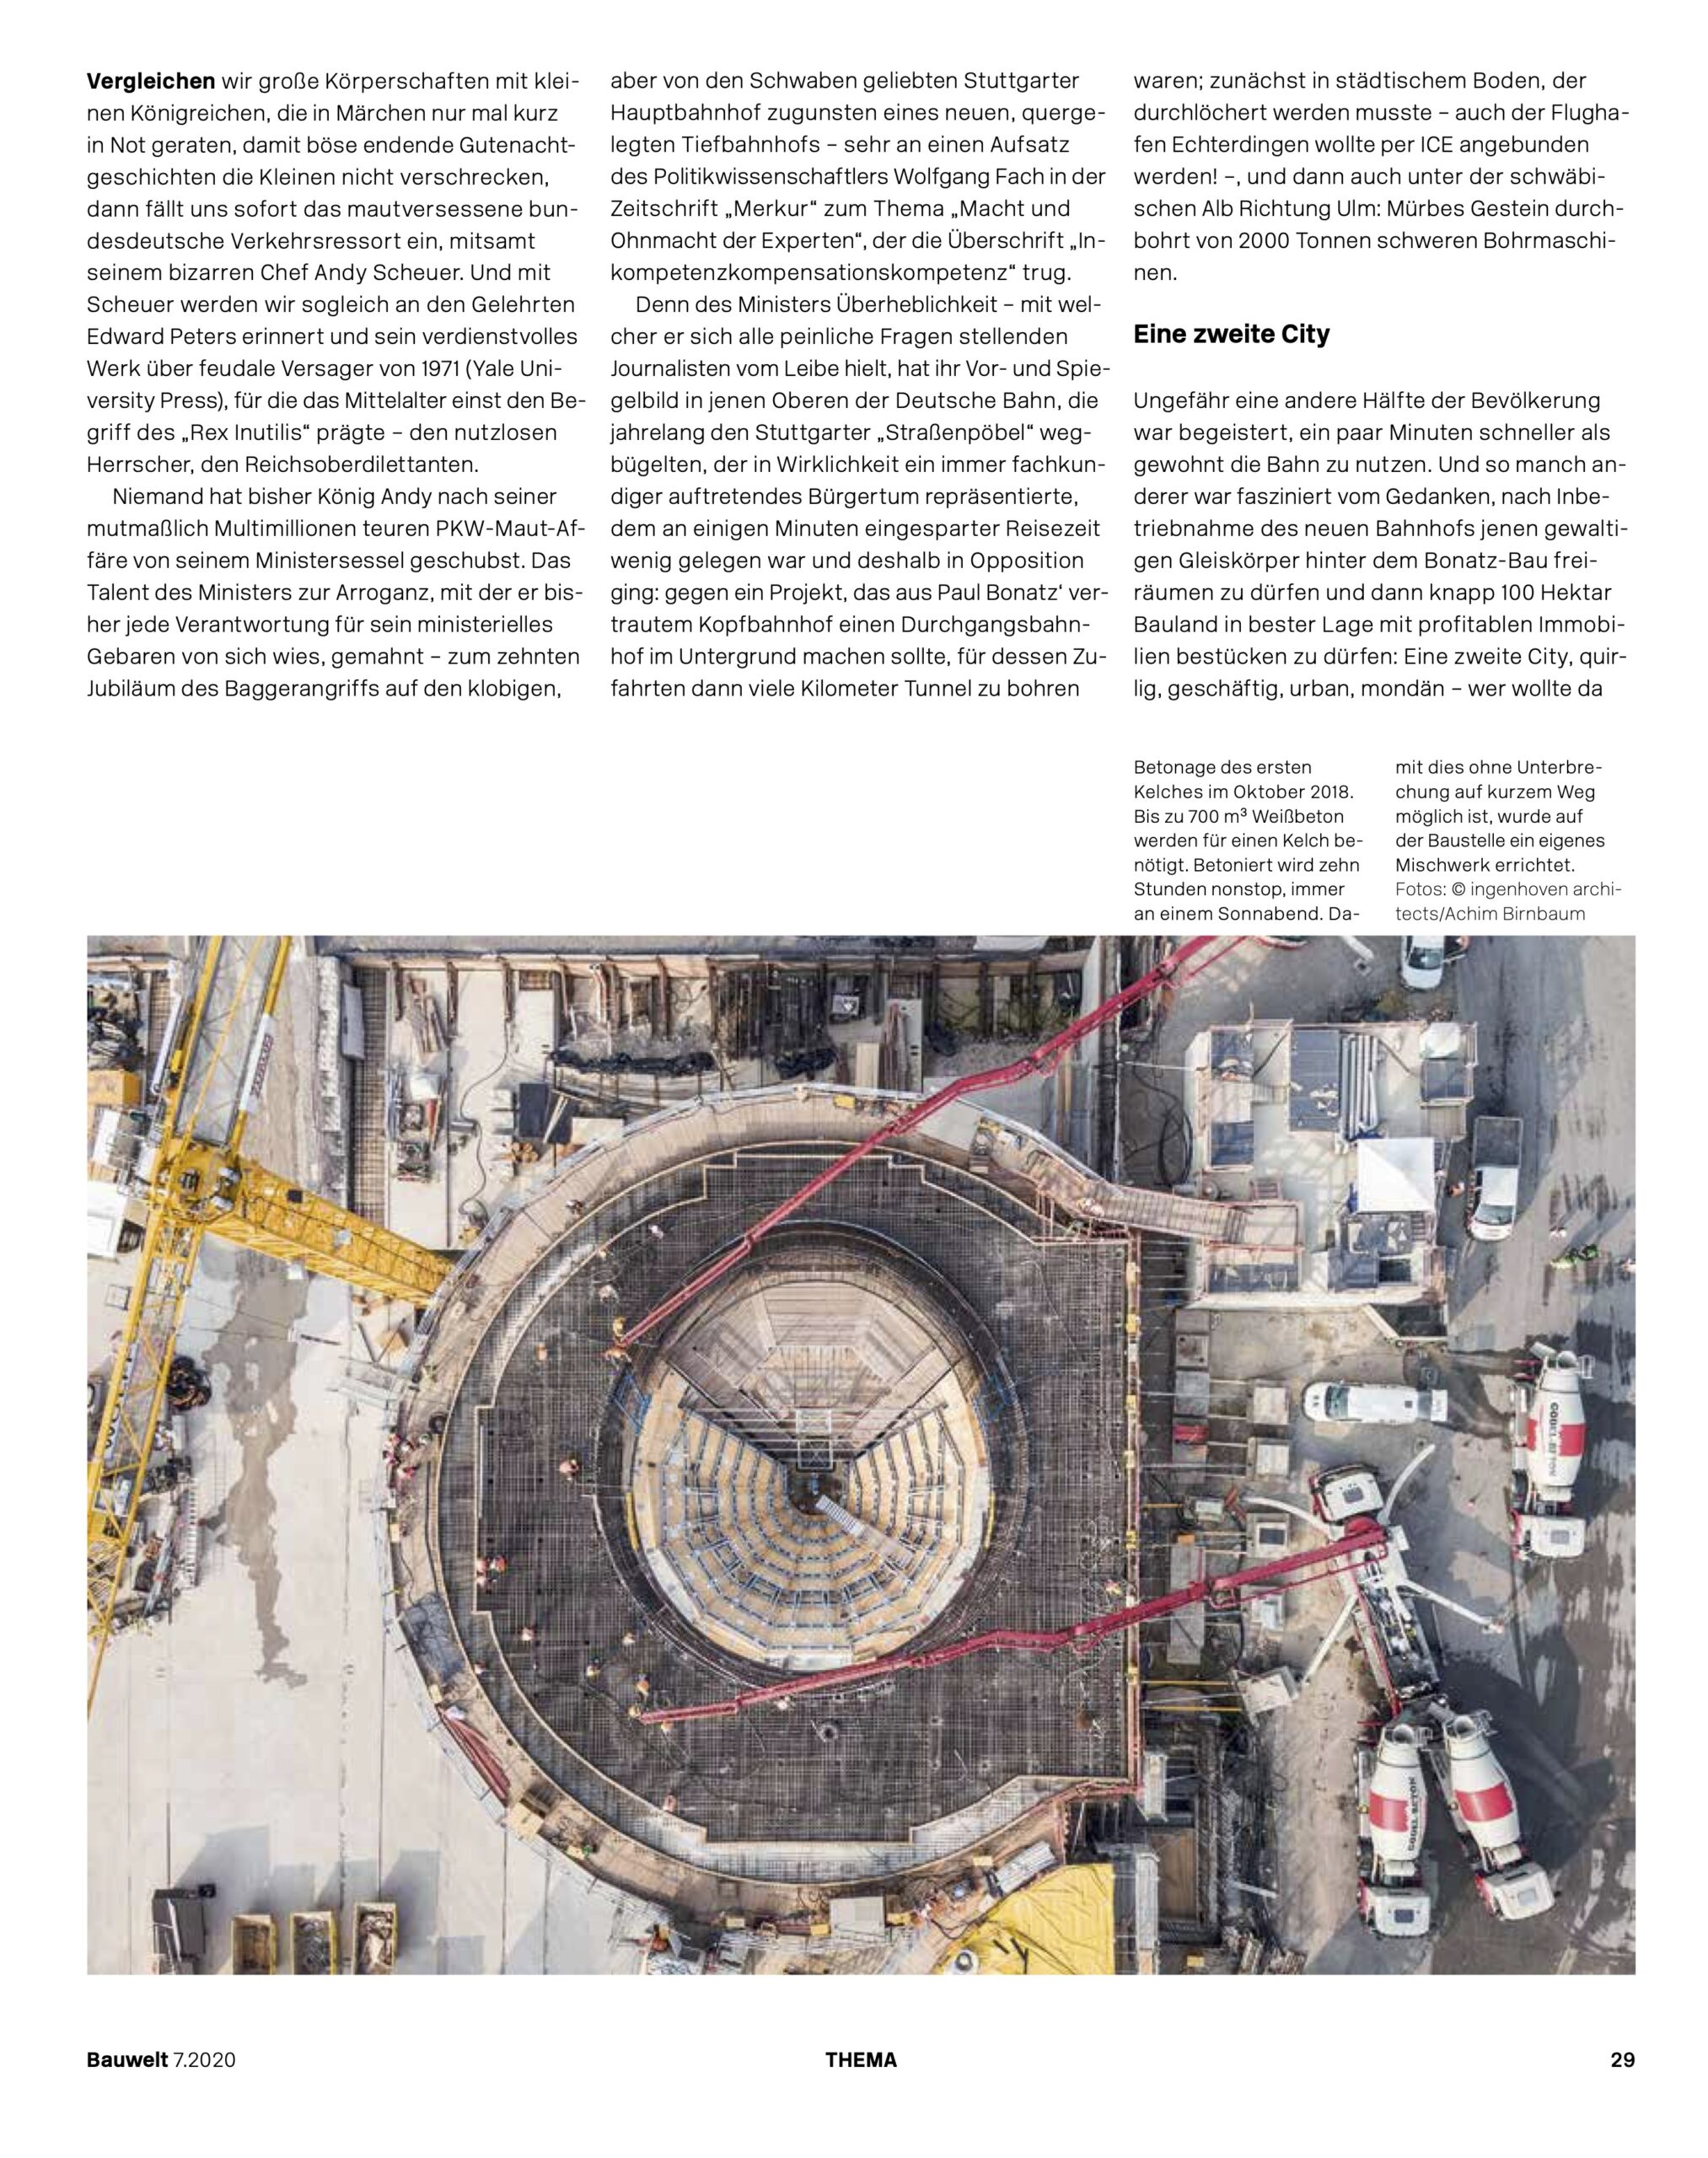 Bauwelt Magazin über Stuttgart 2020 10 Jahre Stuttgart 21, Interview mit Christoph Ingenhoven